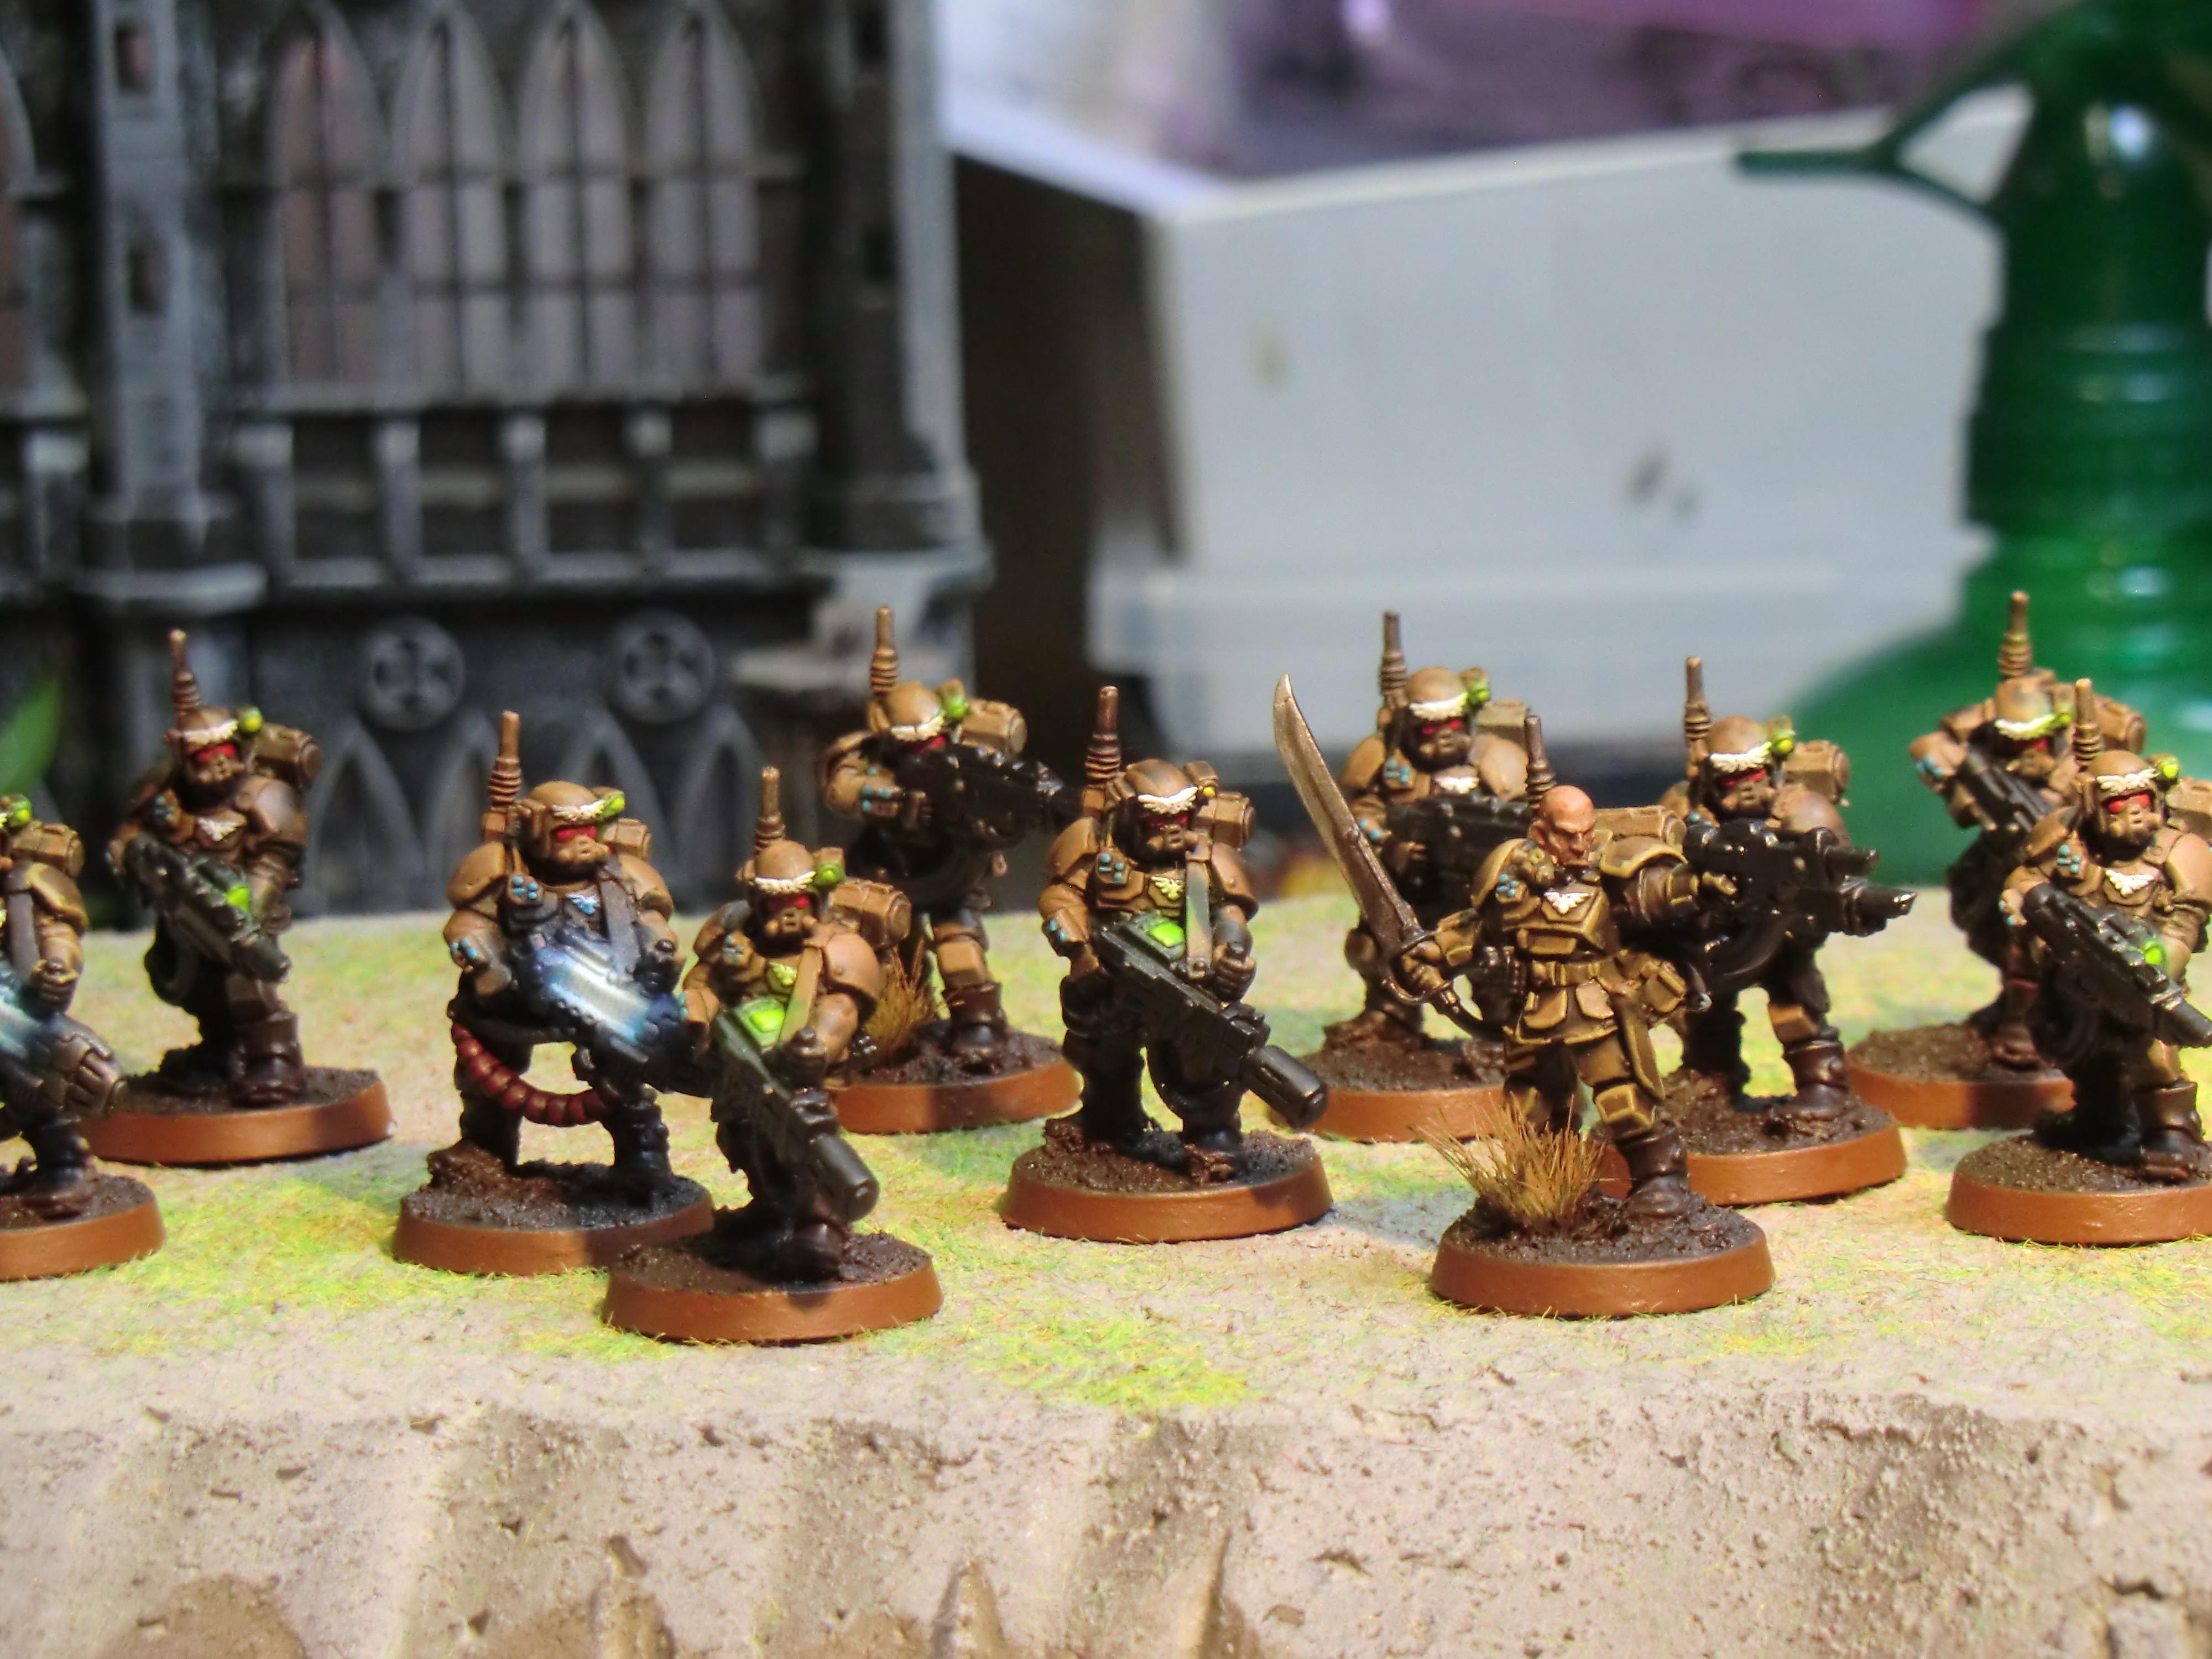 Imperial Guard, Kasrkin, Stormtrooper